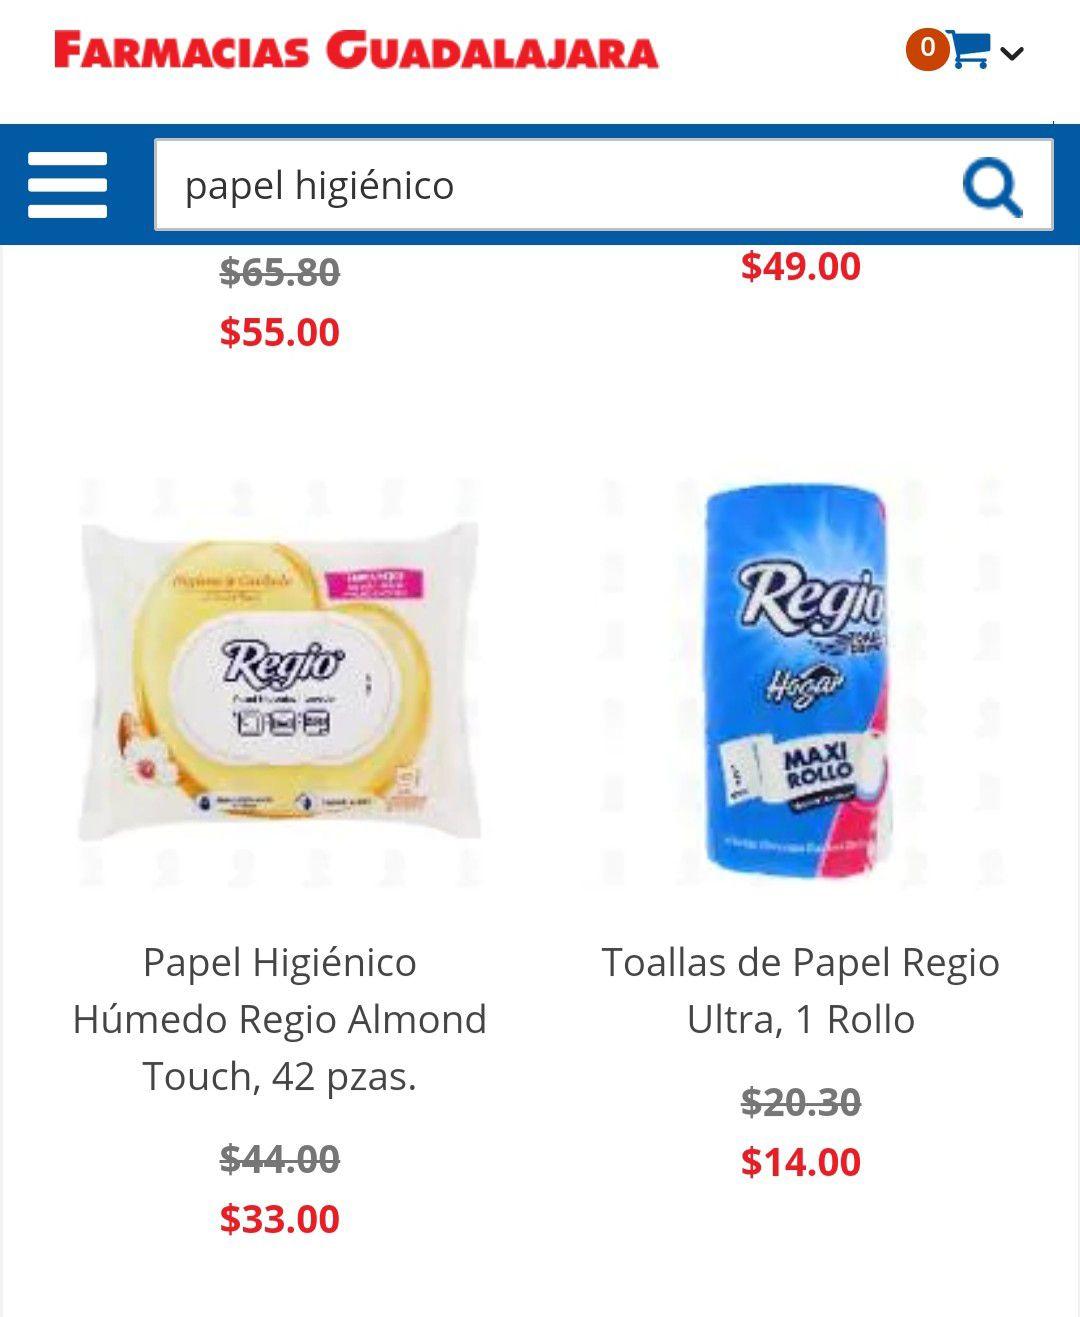 Farmacias Guadalajara, Servitoallas Regio excelente para la cocina en $14